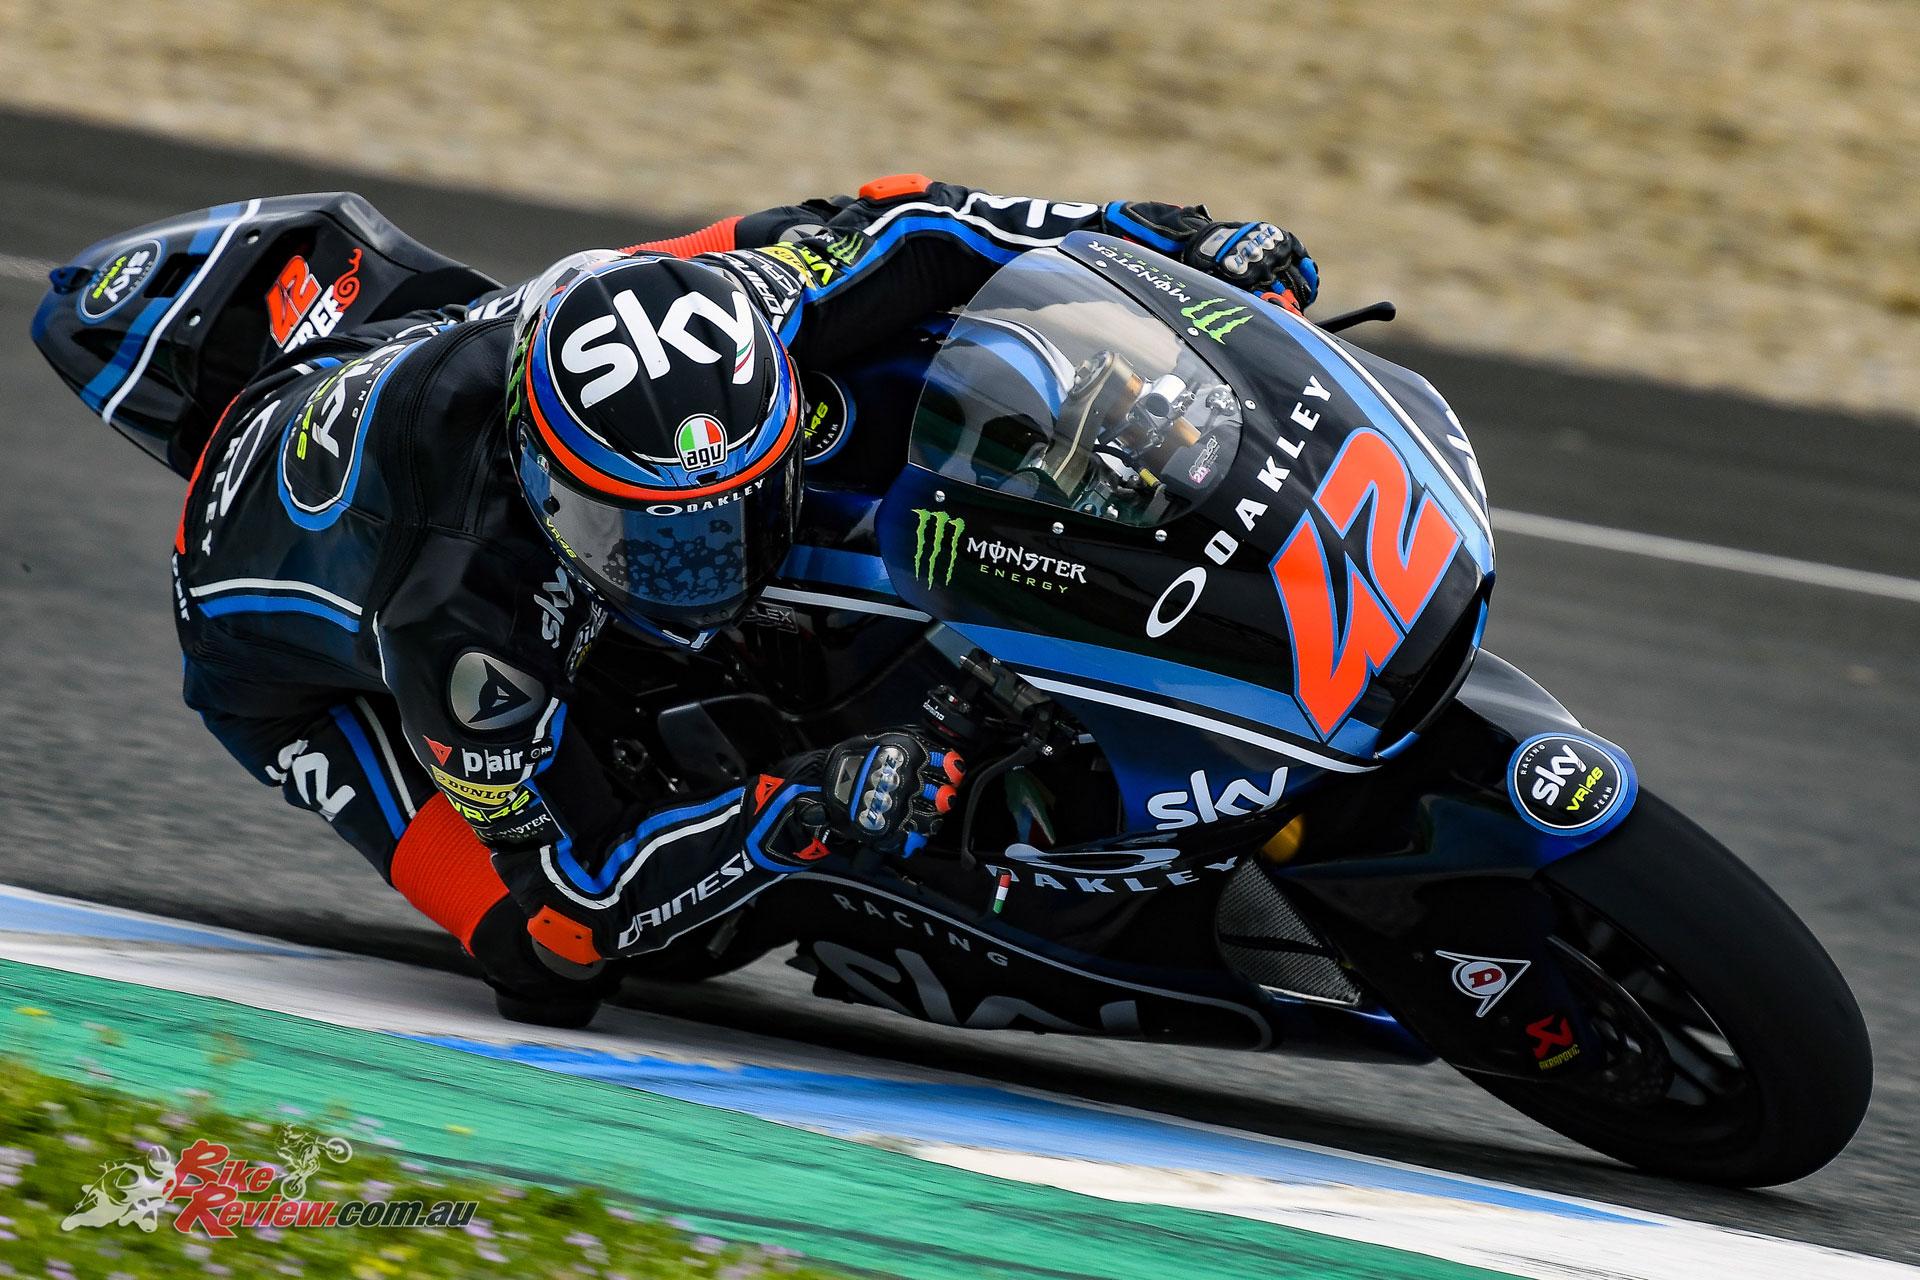 MotoGP heads to Termas de Rio Hondo - Bike Review